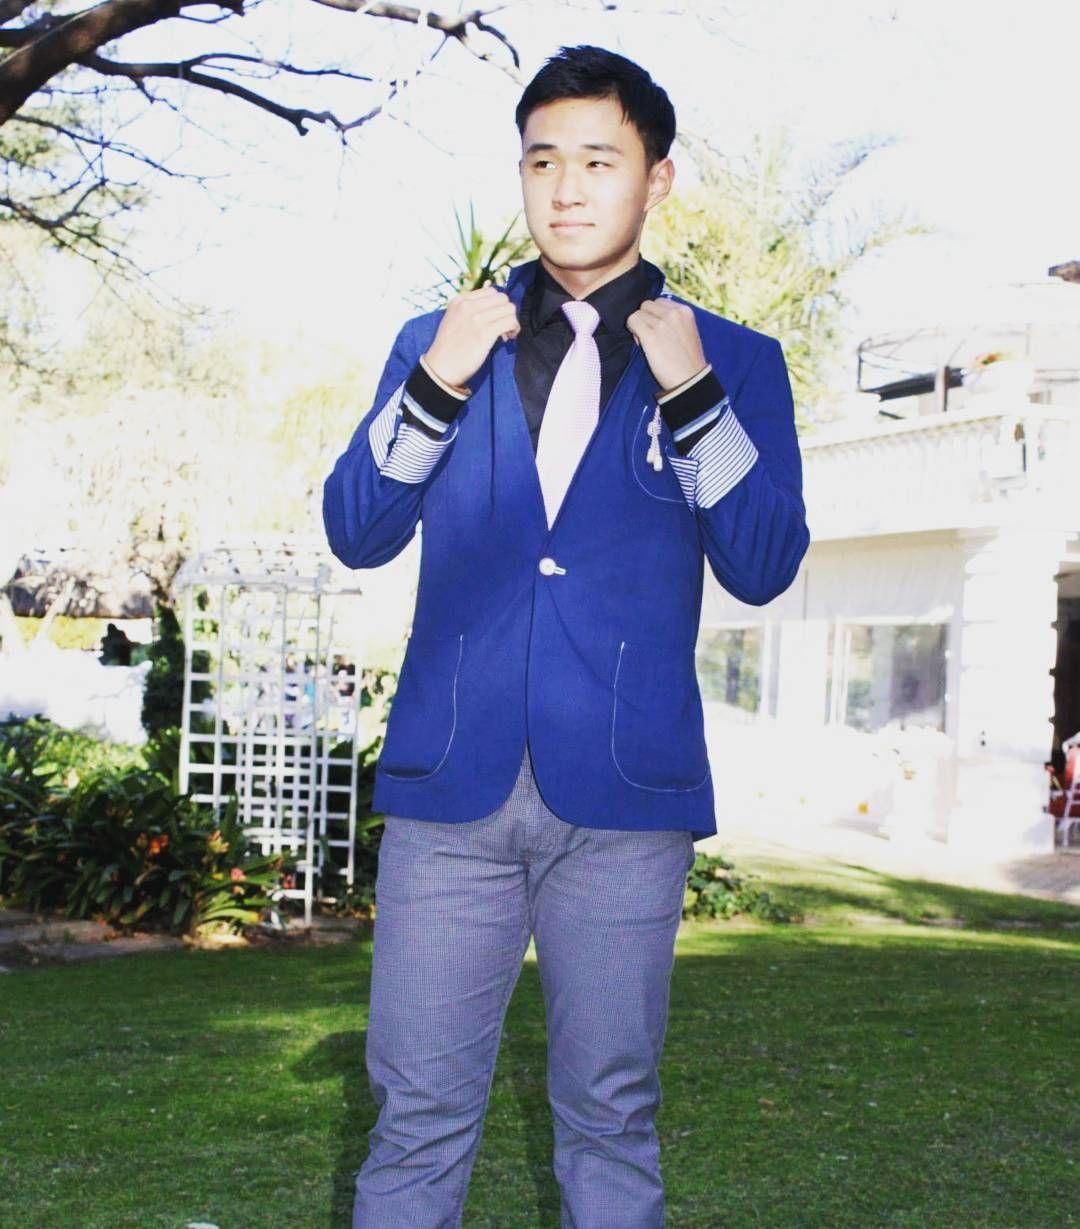 #의대생 #prom #suit #matricfarewell #2013 #모델 #배우 #의대생 #thanksgiving #korean #southafrica #canon #royal #class by sung_hoon_kim